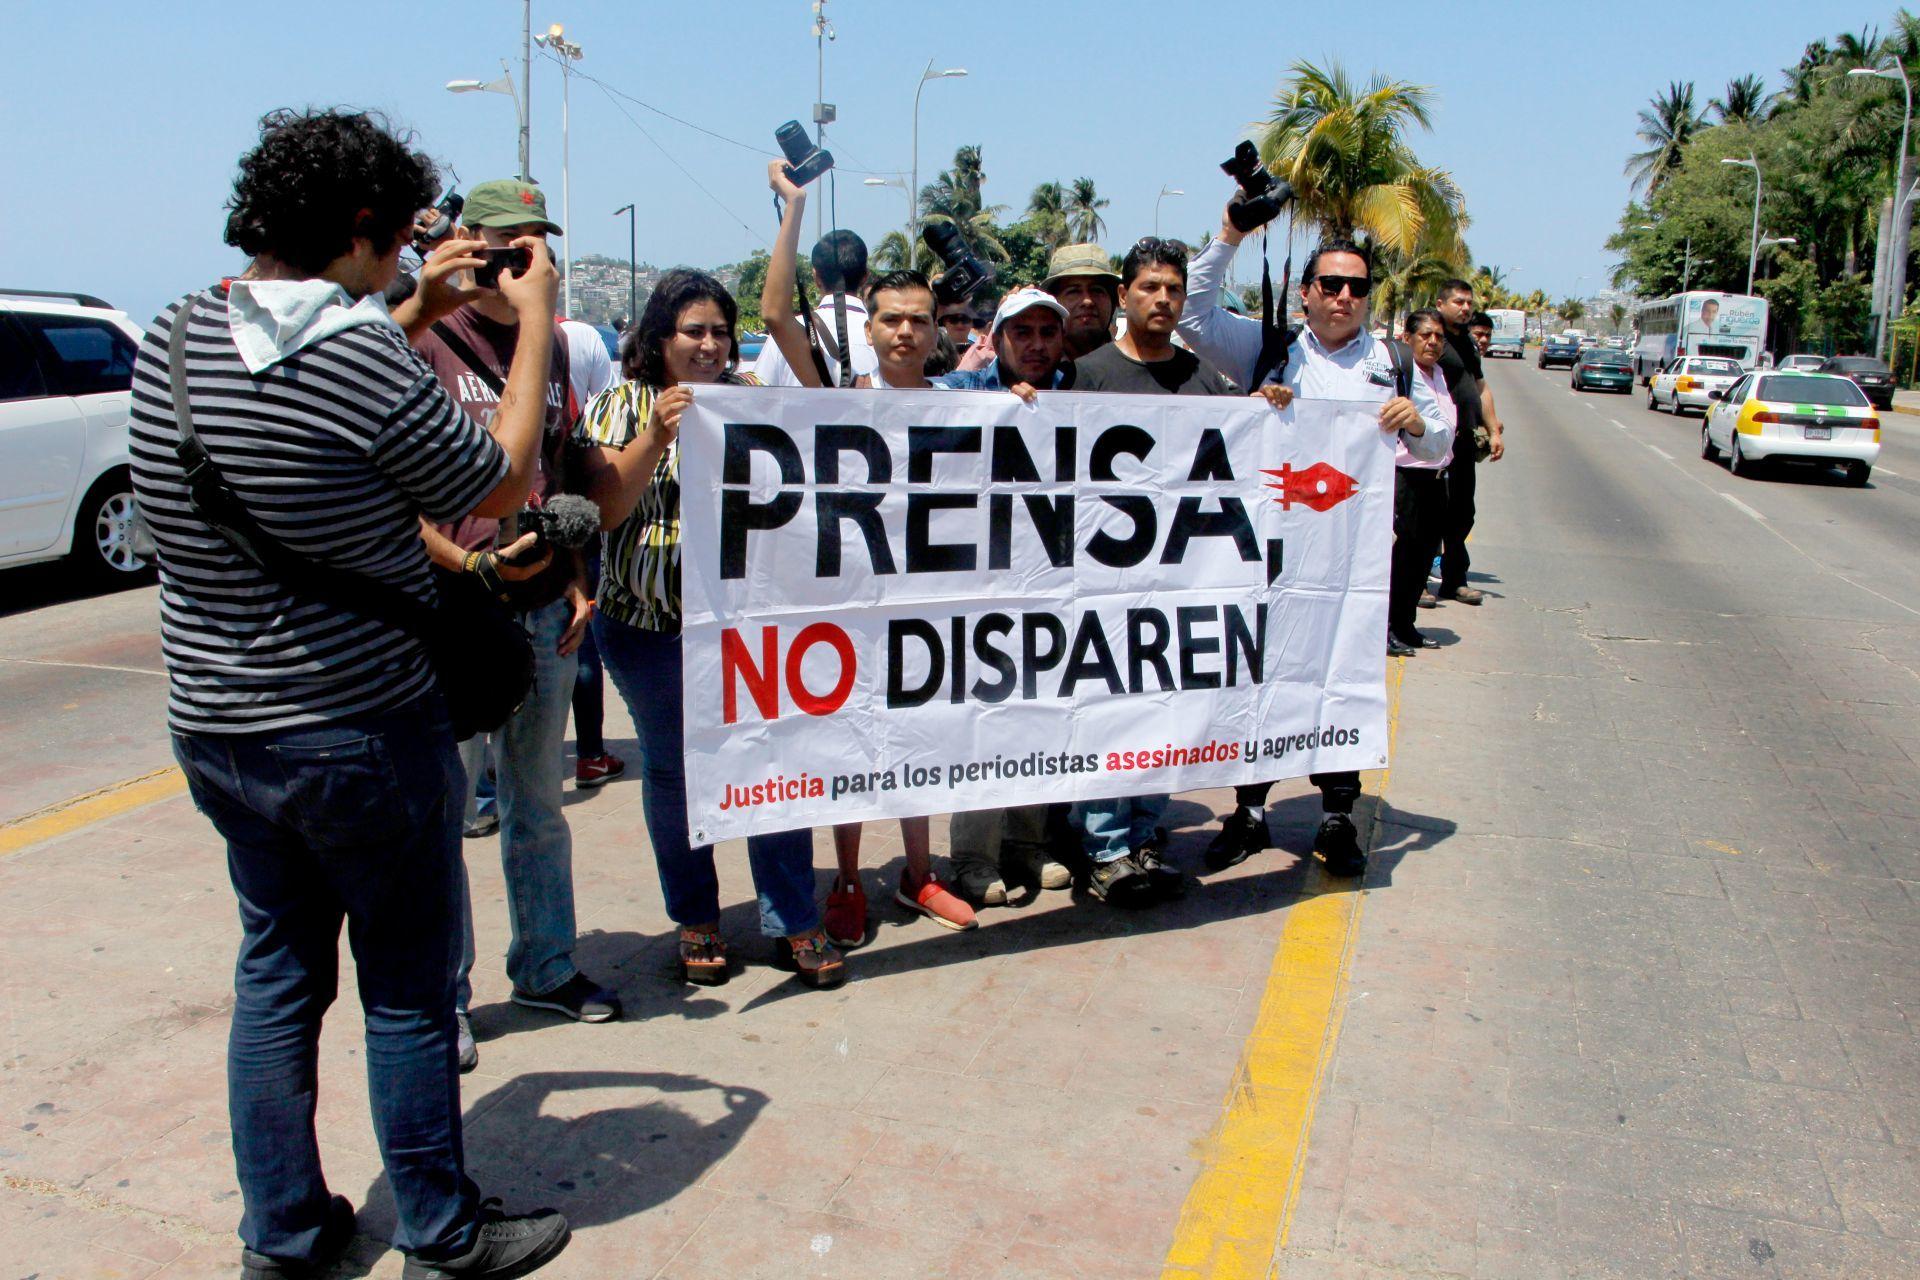 ACAPULCO, GUERRERO, 30MAYO2018.- Reporteros de diferentes medios de Acapulco, se manifestaron por una hora en la costera para exigir justicia por el asesinato del corresponsal del Excélsior en Tamaulipas el periodista Héctor González Antonio, asesinado el día de ayer, y por el caso del periodista Luis Daniel Nava, corresponsal del periódico El Sur en Chilapa, Guerrero, quien fuera privado de su libertad y golpeado.<br srcset=